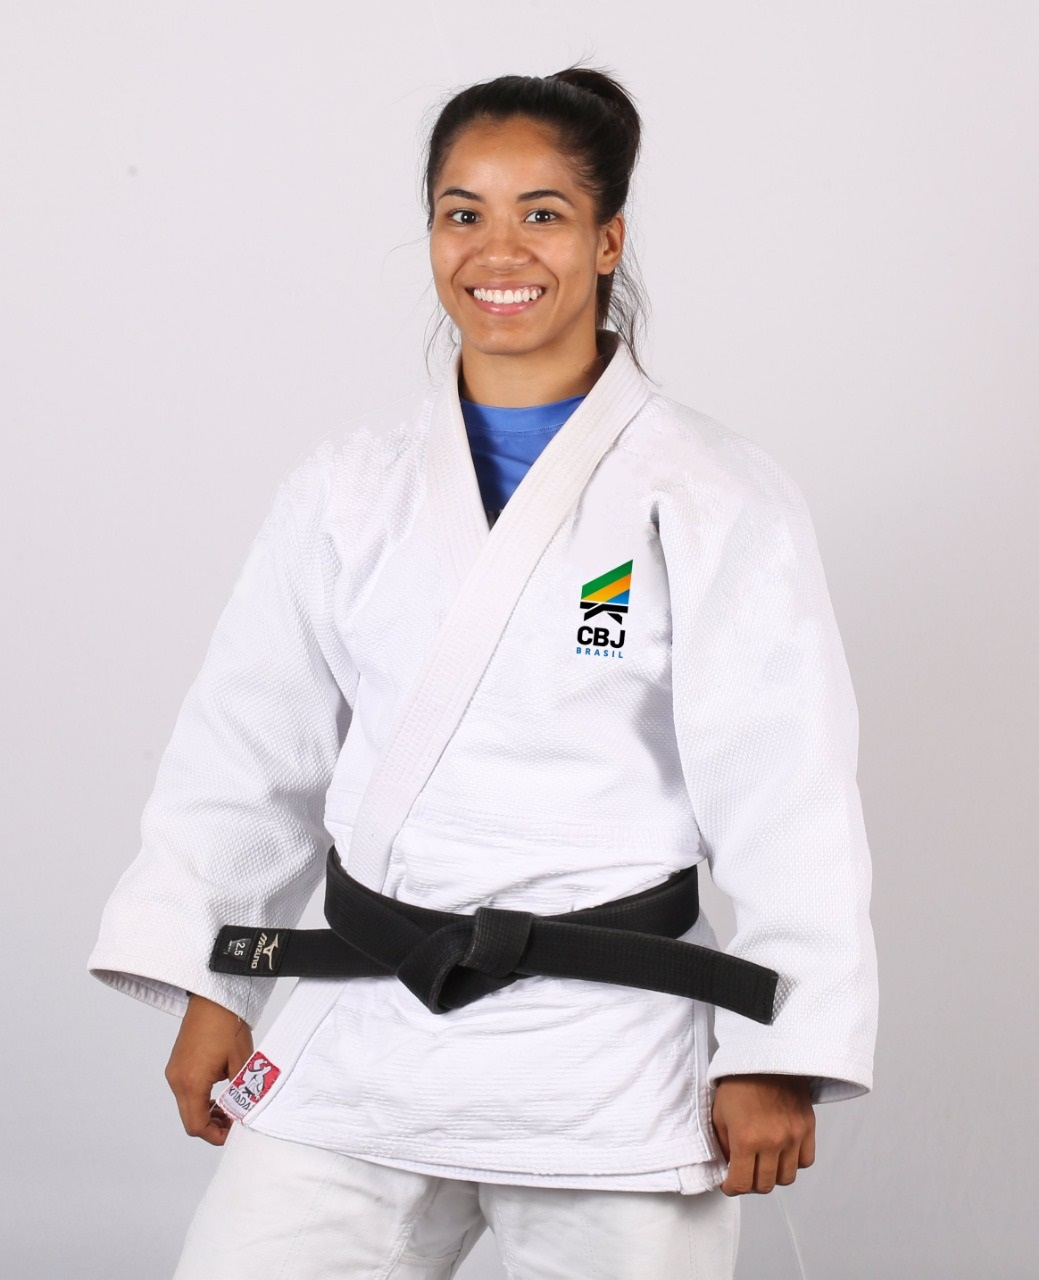 Larissa Rianne Guimarães Farias